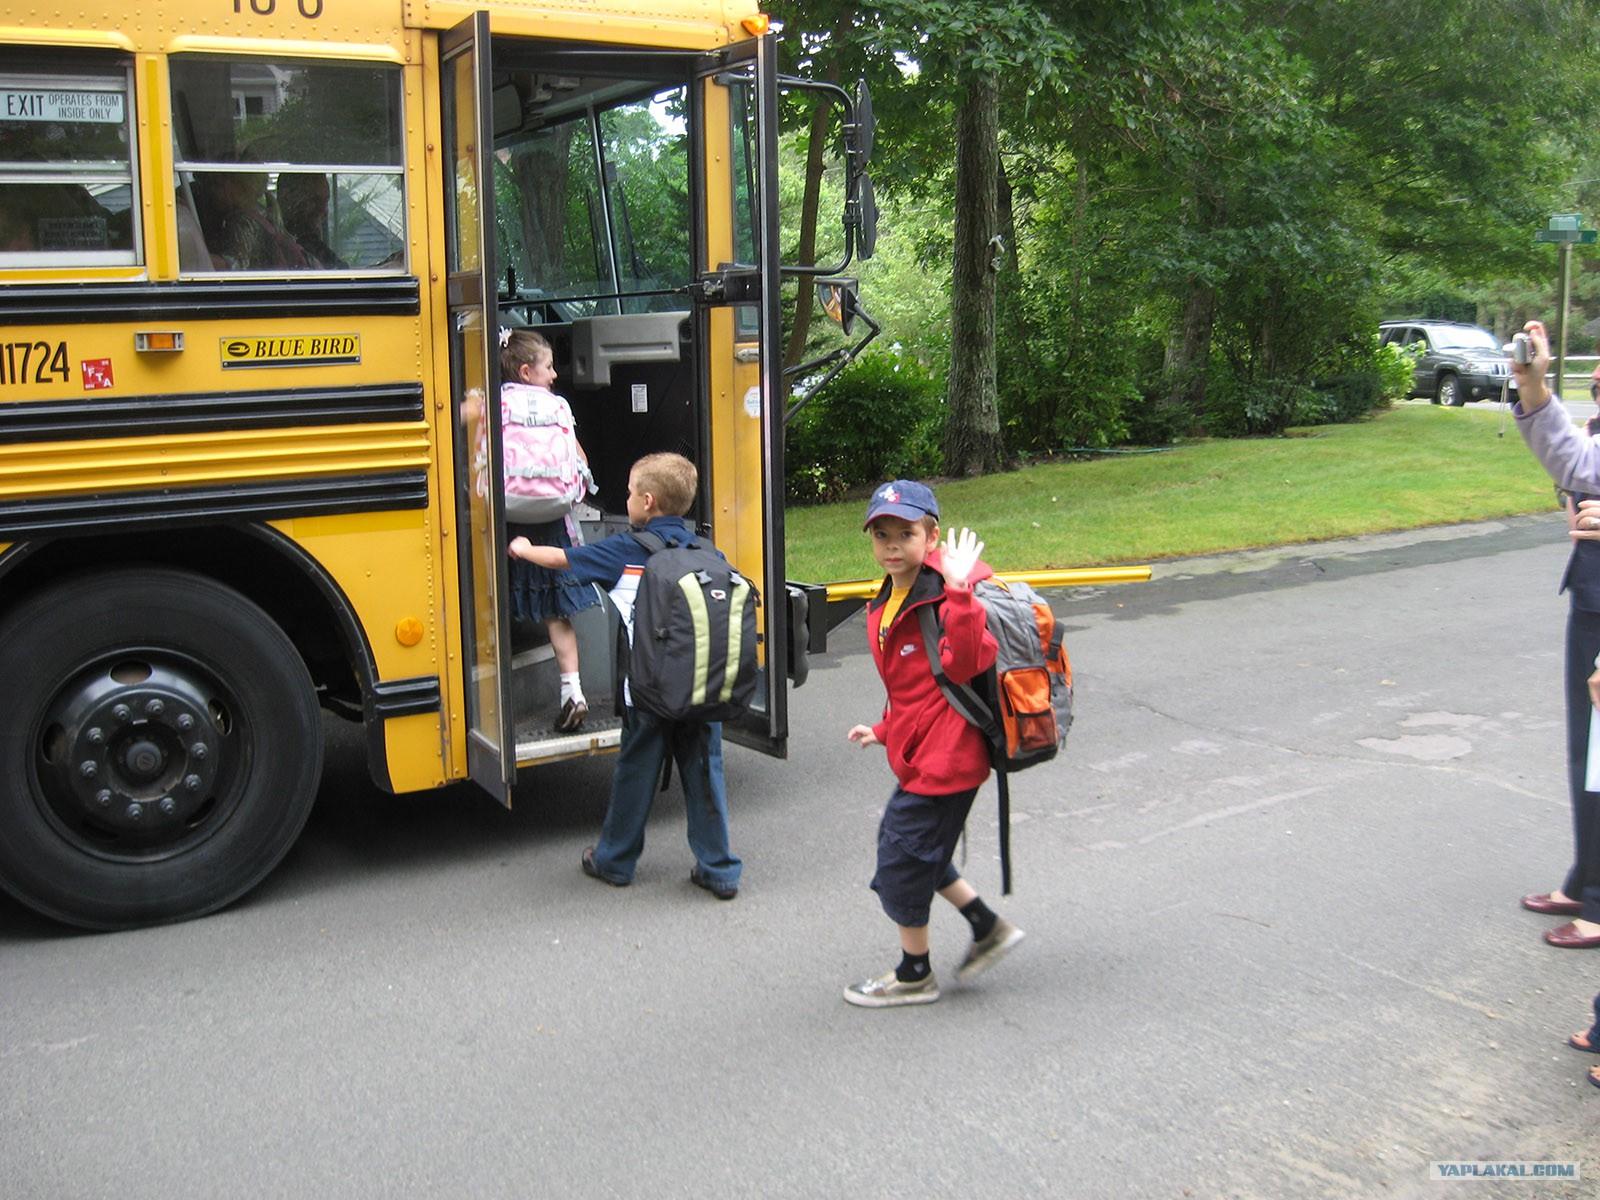 Юля дала в очко на автобусной остановке видео фото 128-788